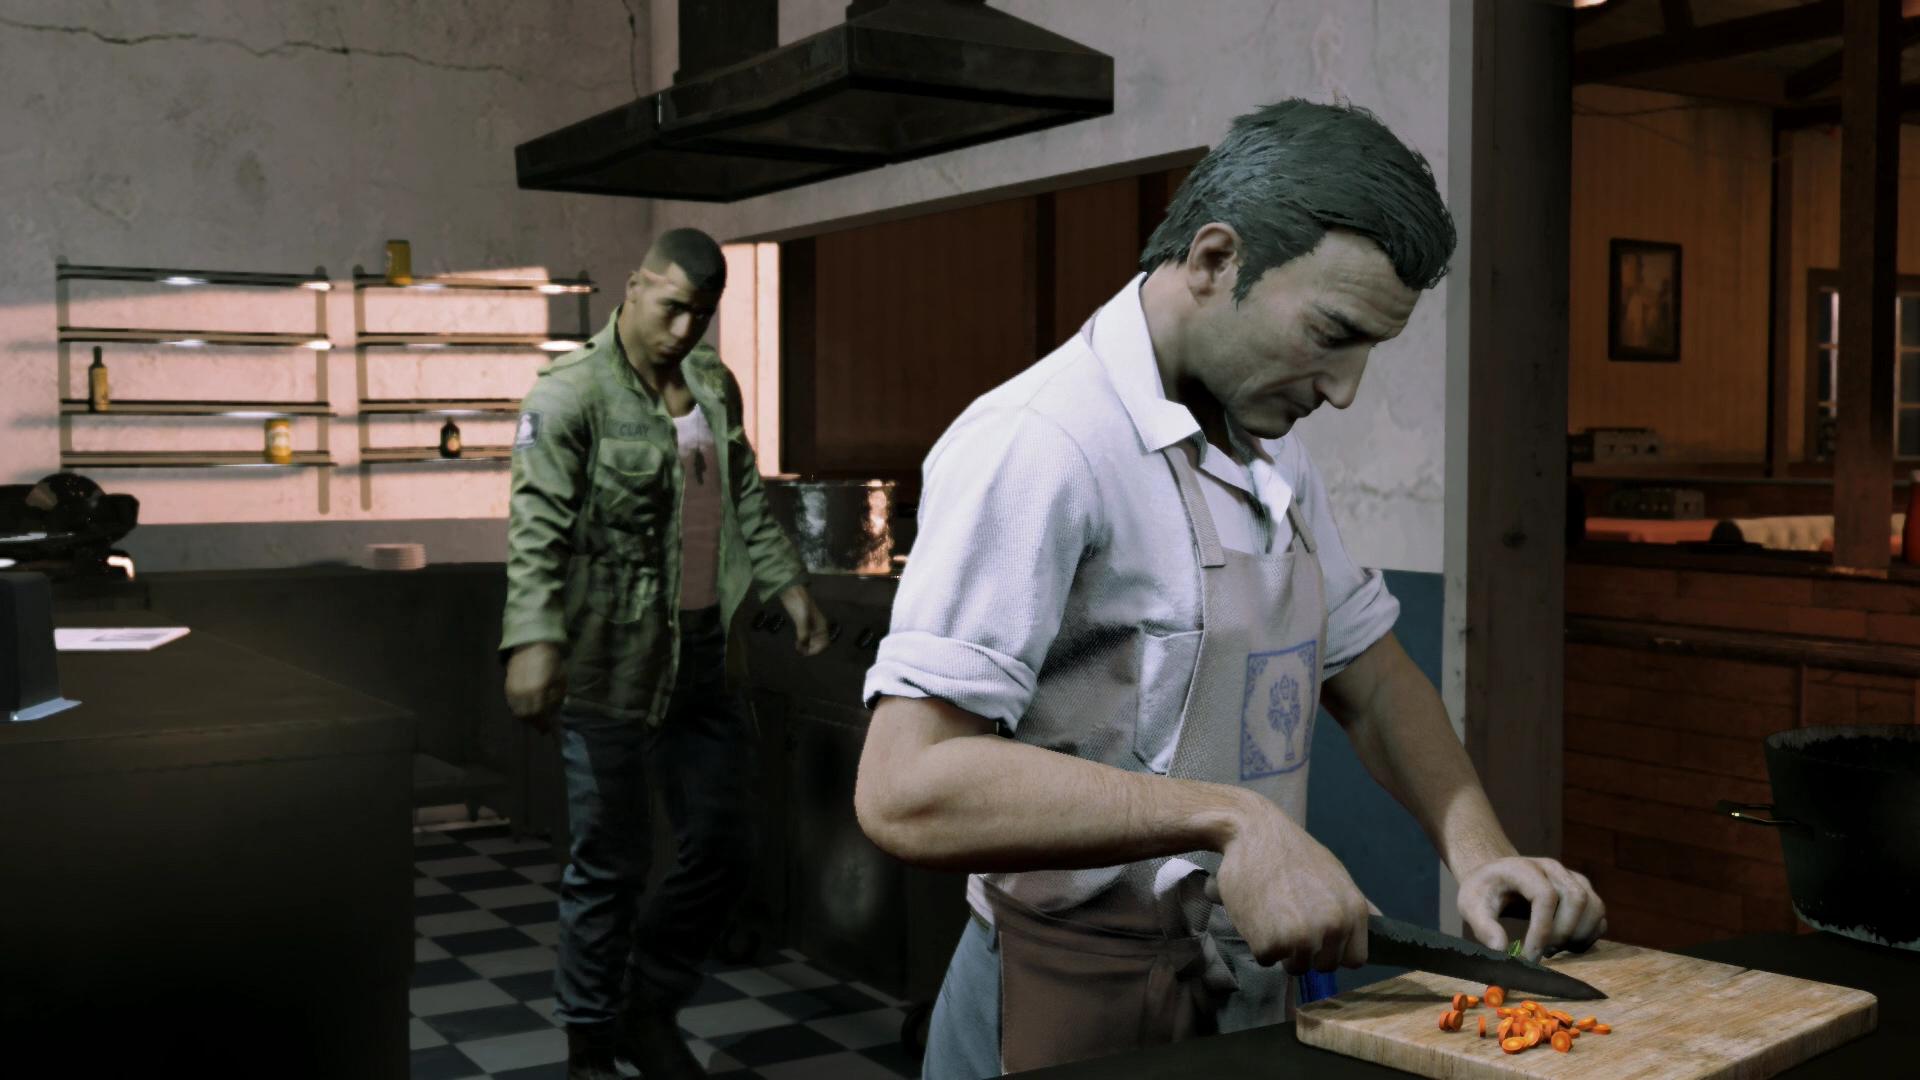 料理好きという意外な一面を見せることもある。長いマフィア暮らしが続くヴィトだが、心のどこかで平穏を願っているのかもしれない